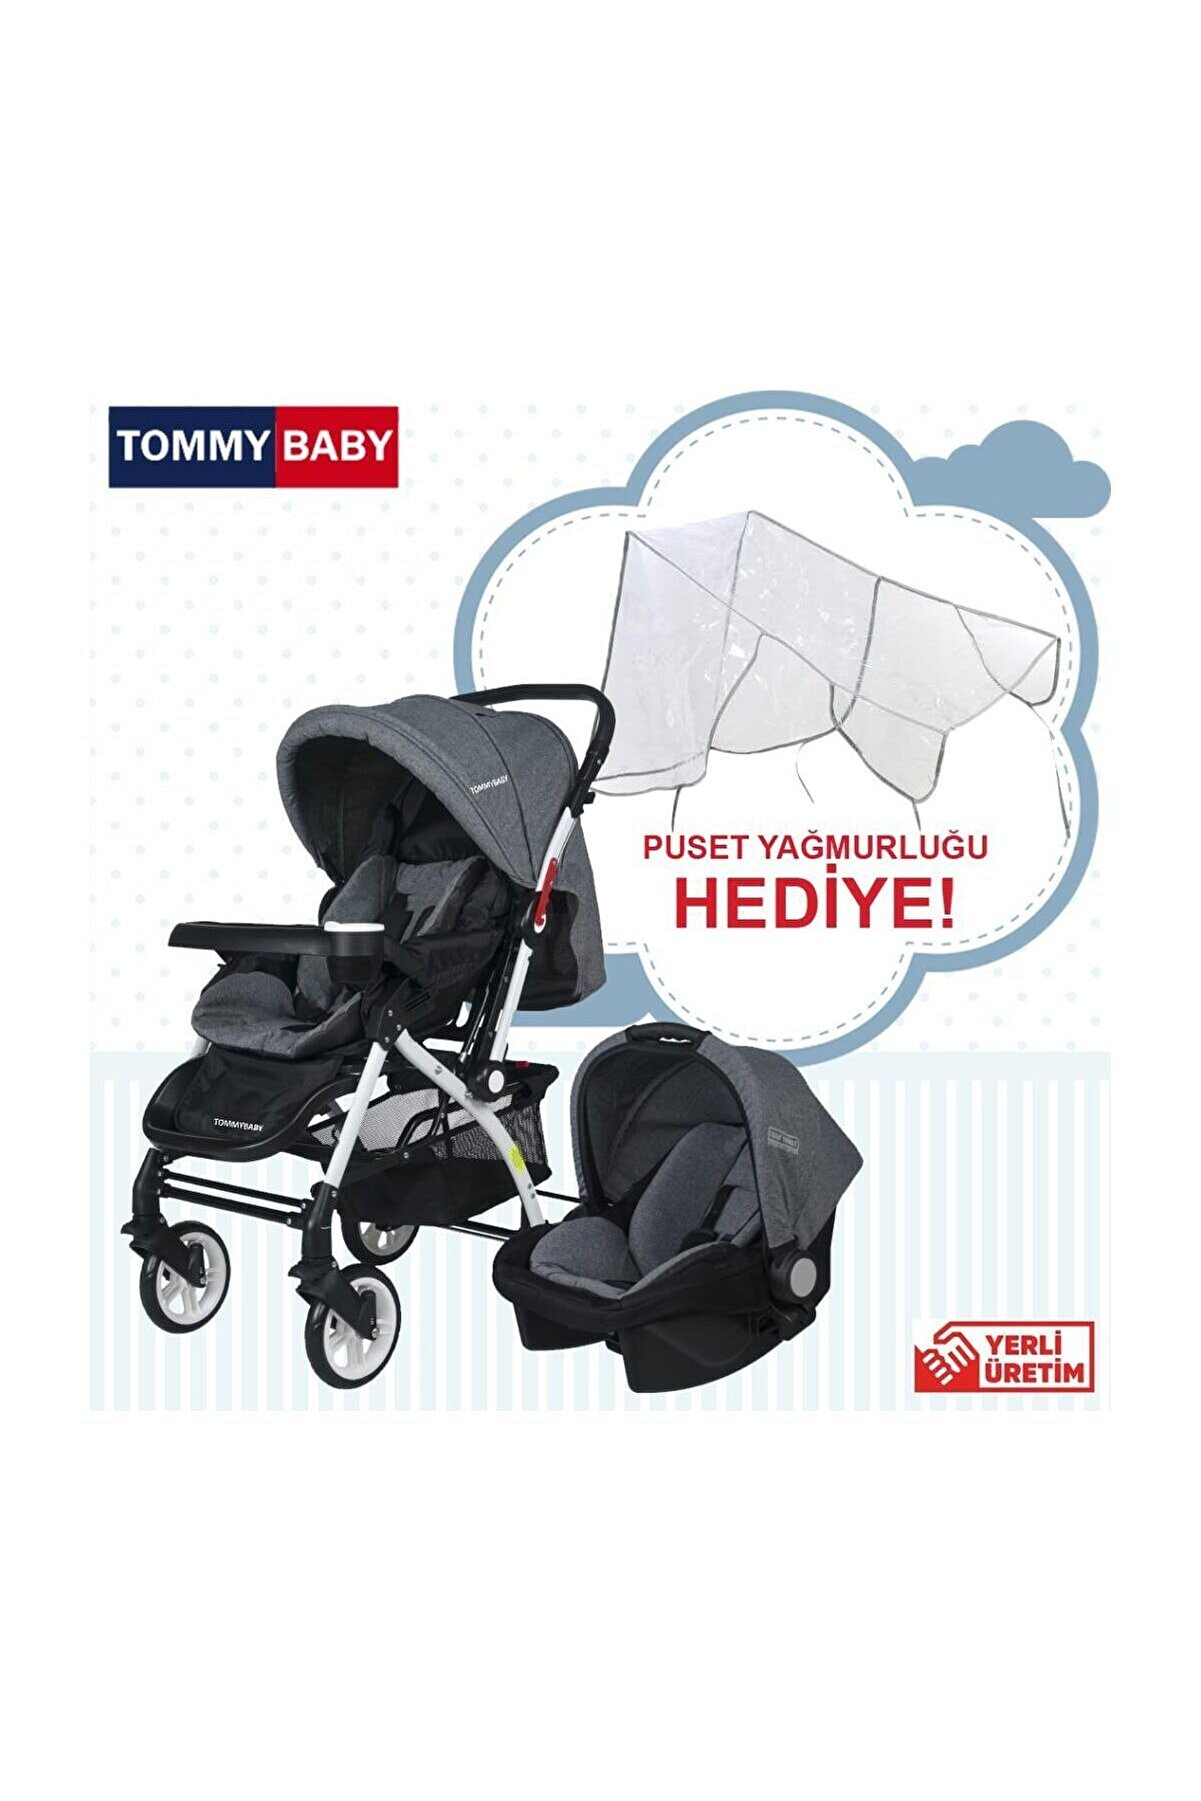 Tommybaby Eagle Travel Seyahat Sistem Çift Yönlü Bebek Arabası Puset